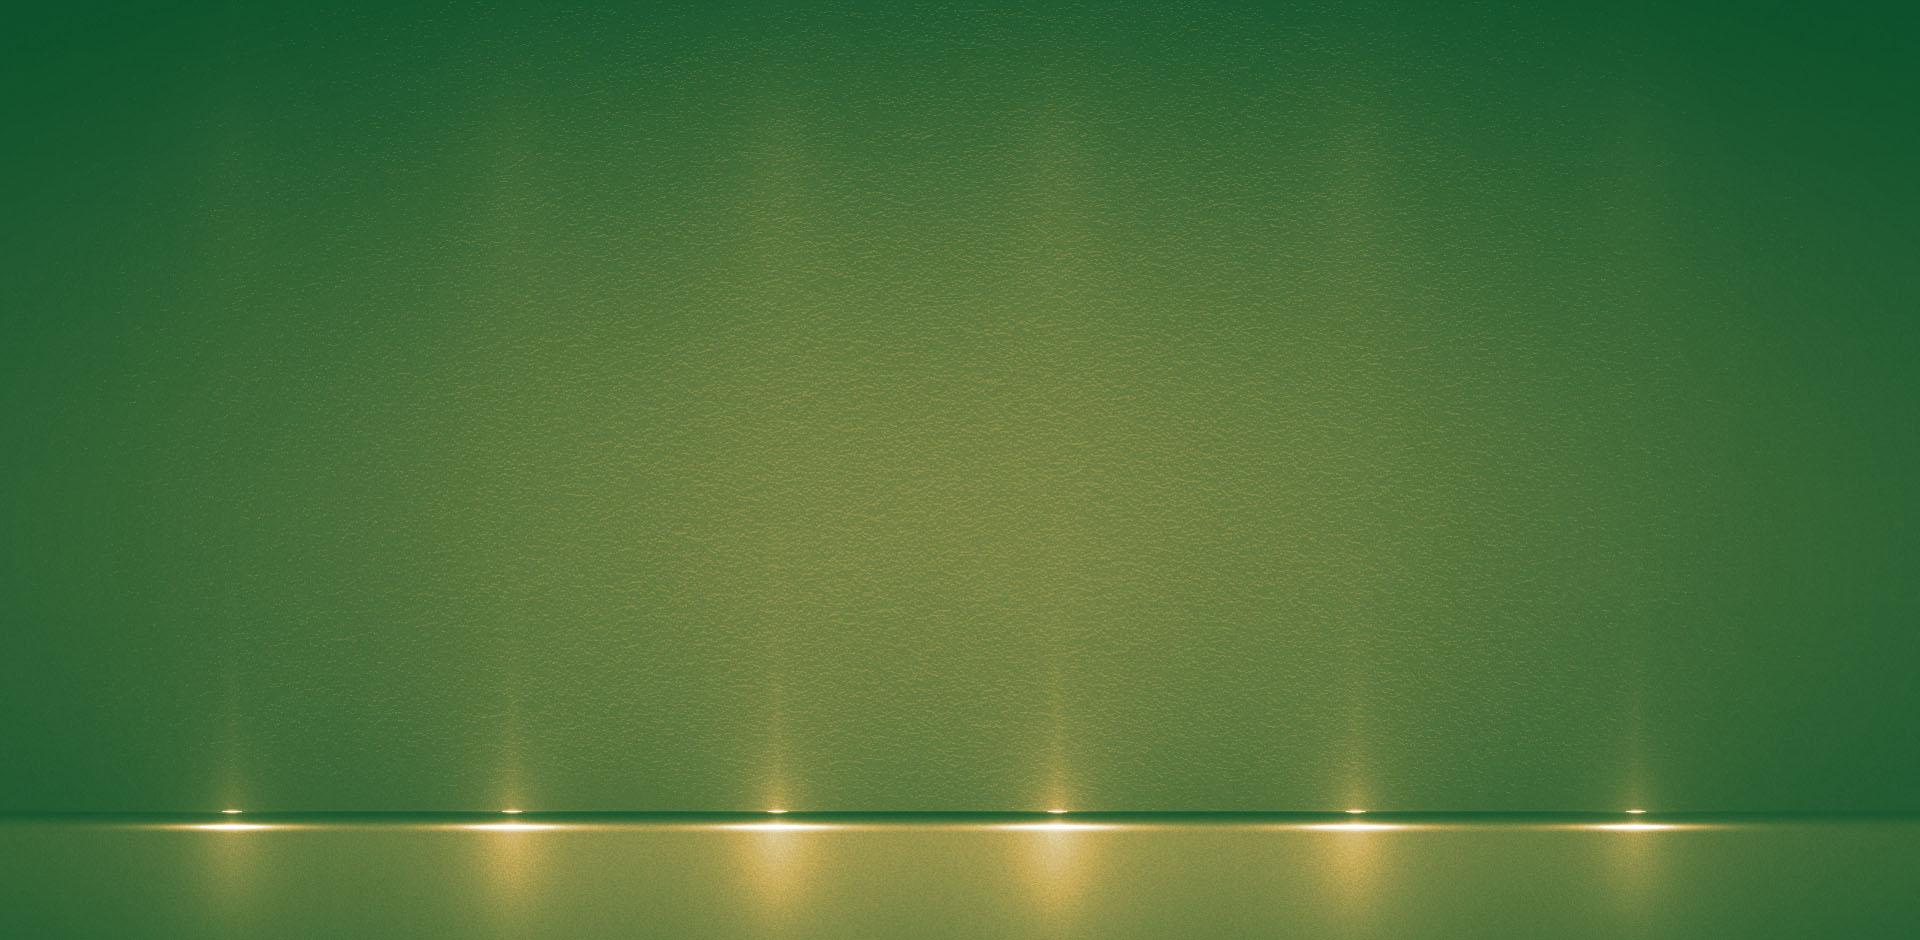 bg_green1